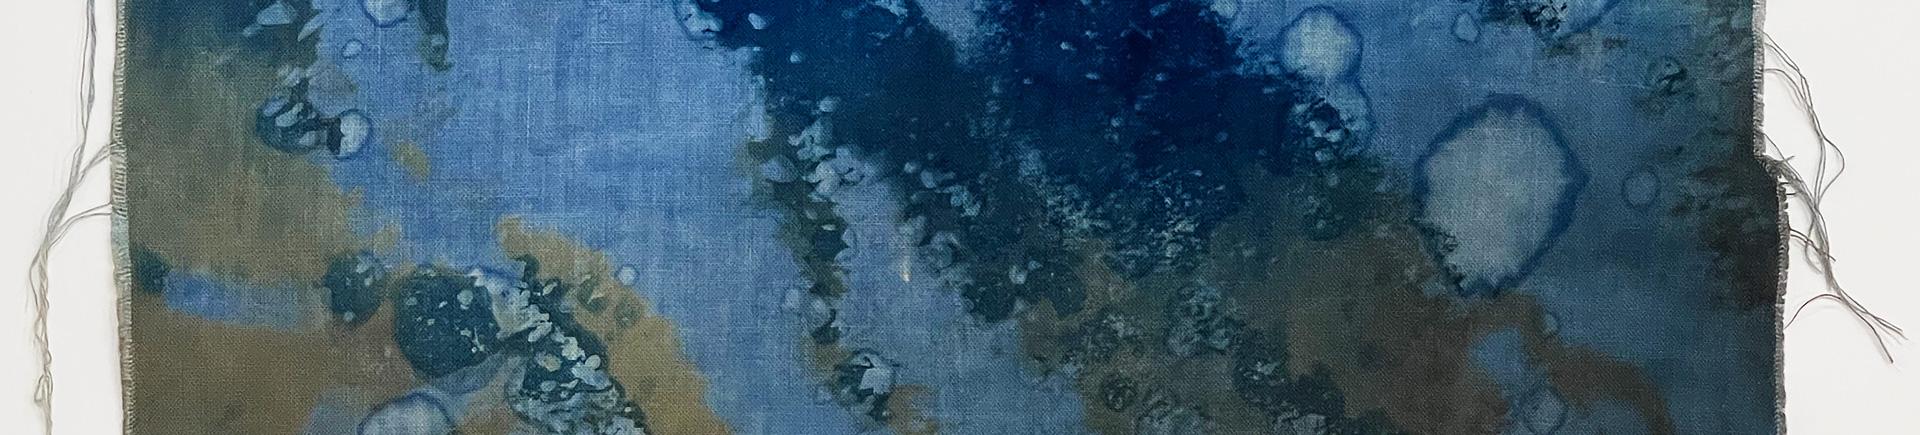 Renata-Buziak_Gullies-and-the-Reef_WCD_2021_renatabuziak.com_banner